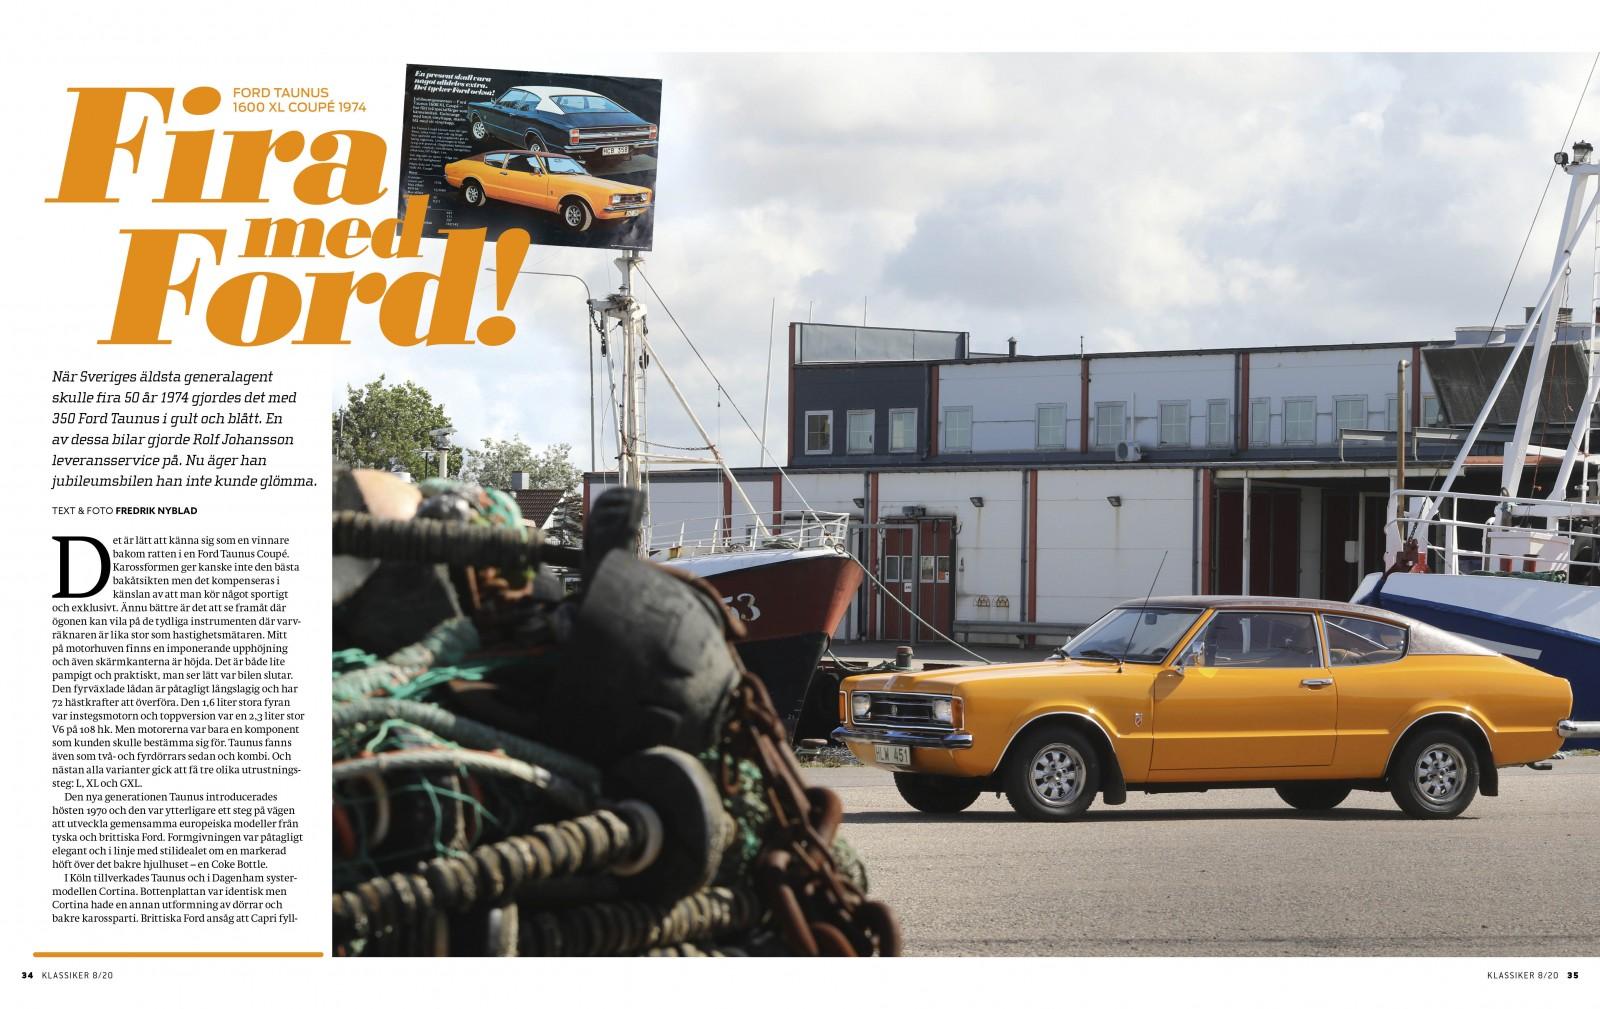 När Ford fyllde jämnt firade de med blått och gult. Och vinyltak. Ford Taunus 1600 XL Coupé.